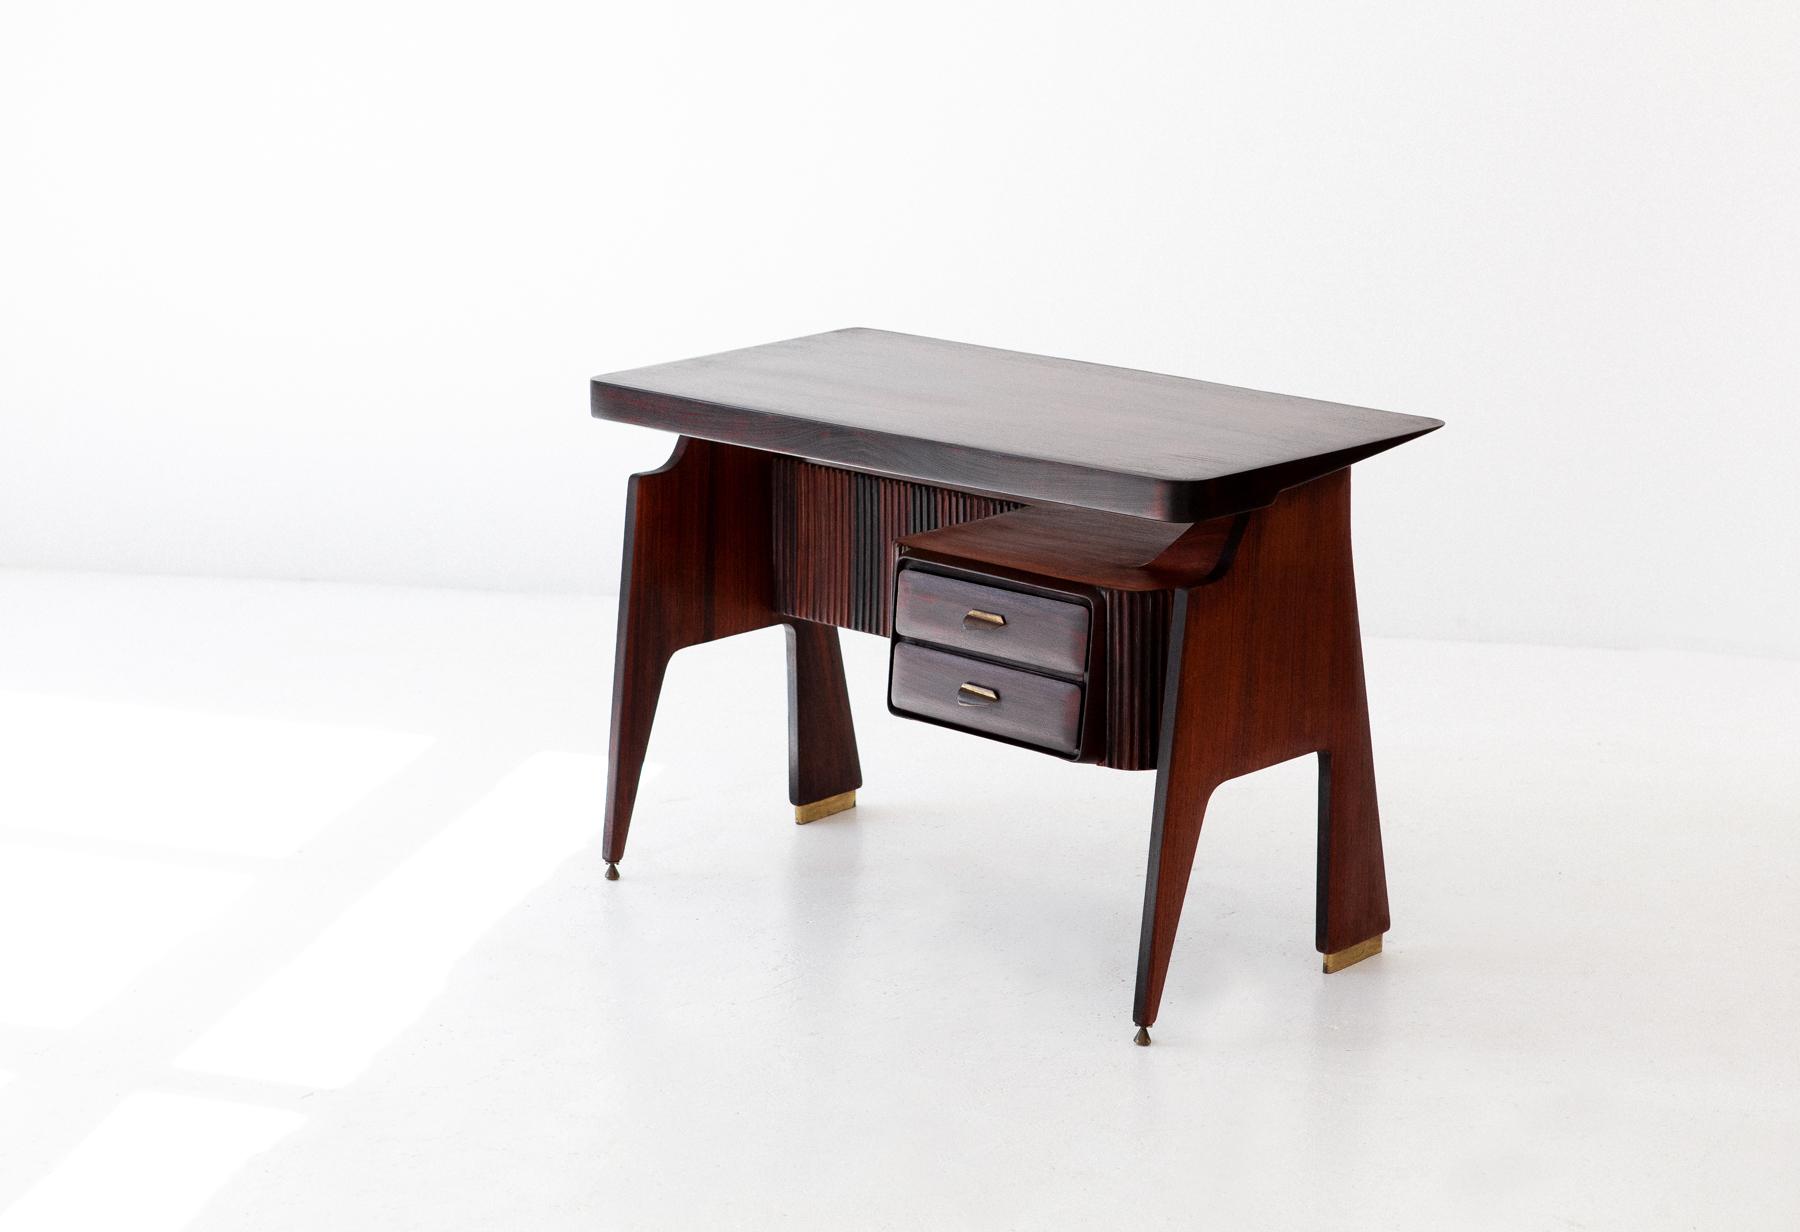 1950s-Italian-rosewood-desk-table-dassi-9-d28